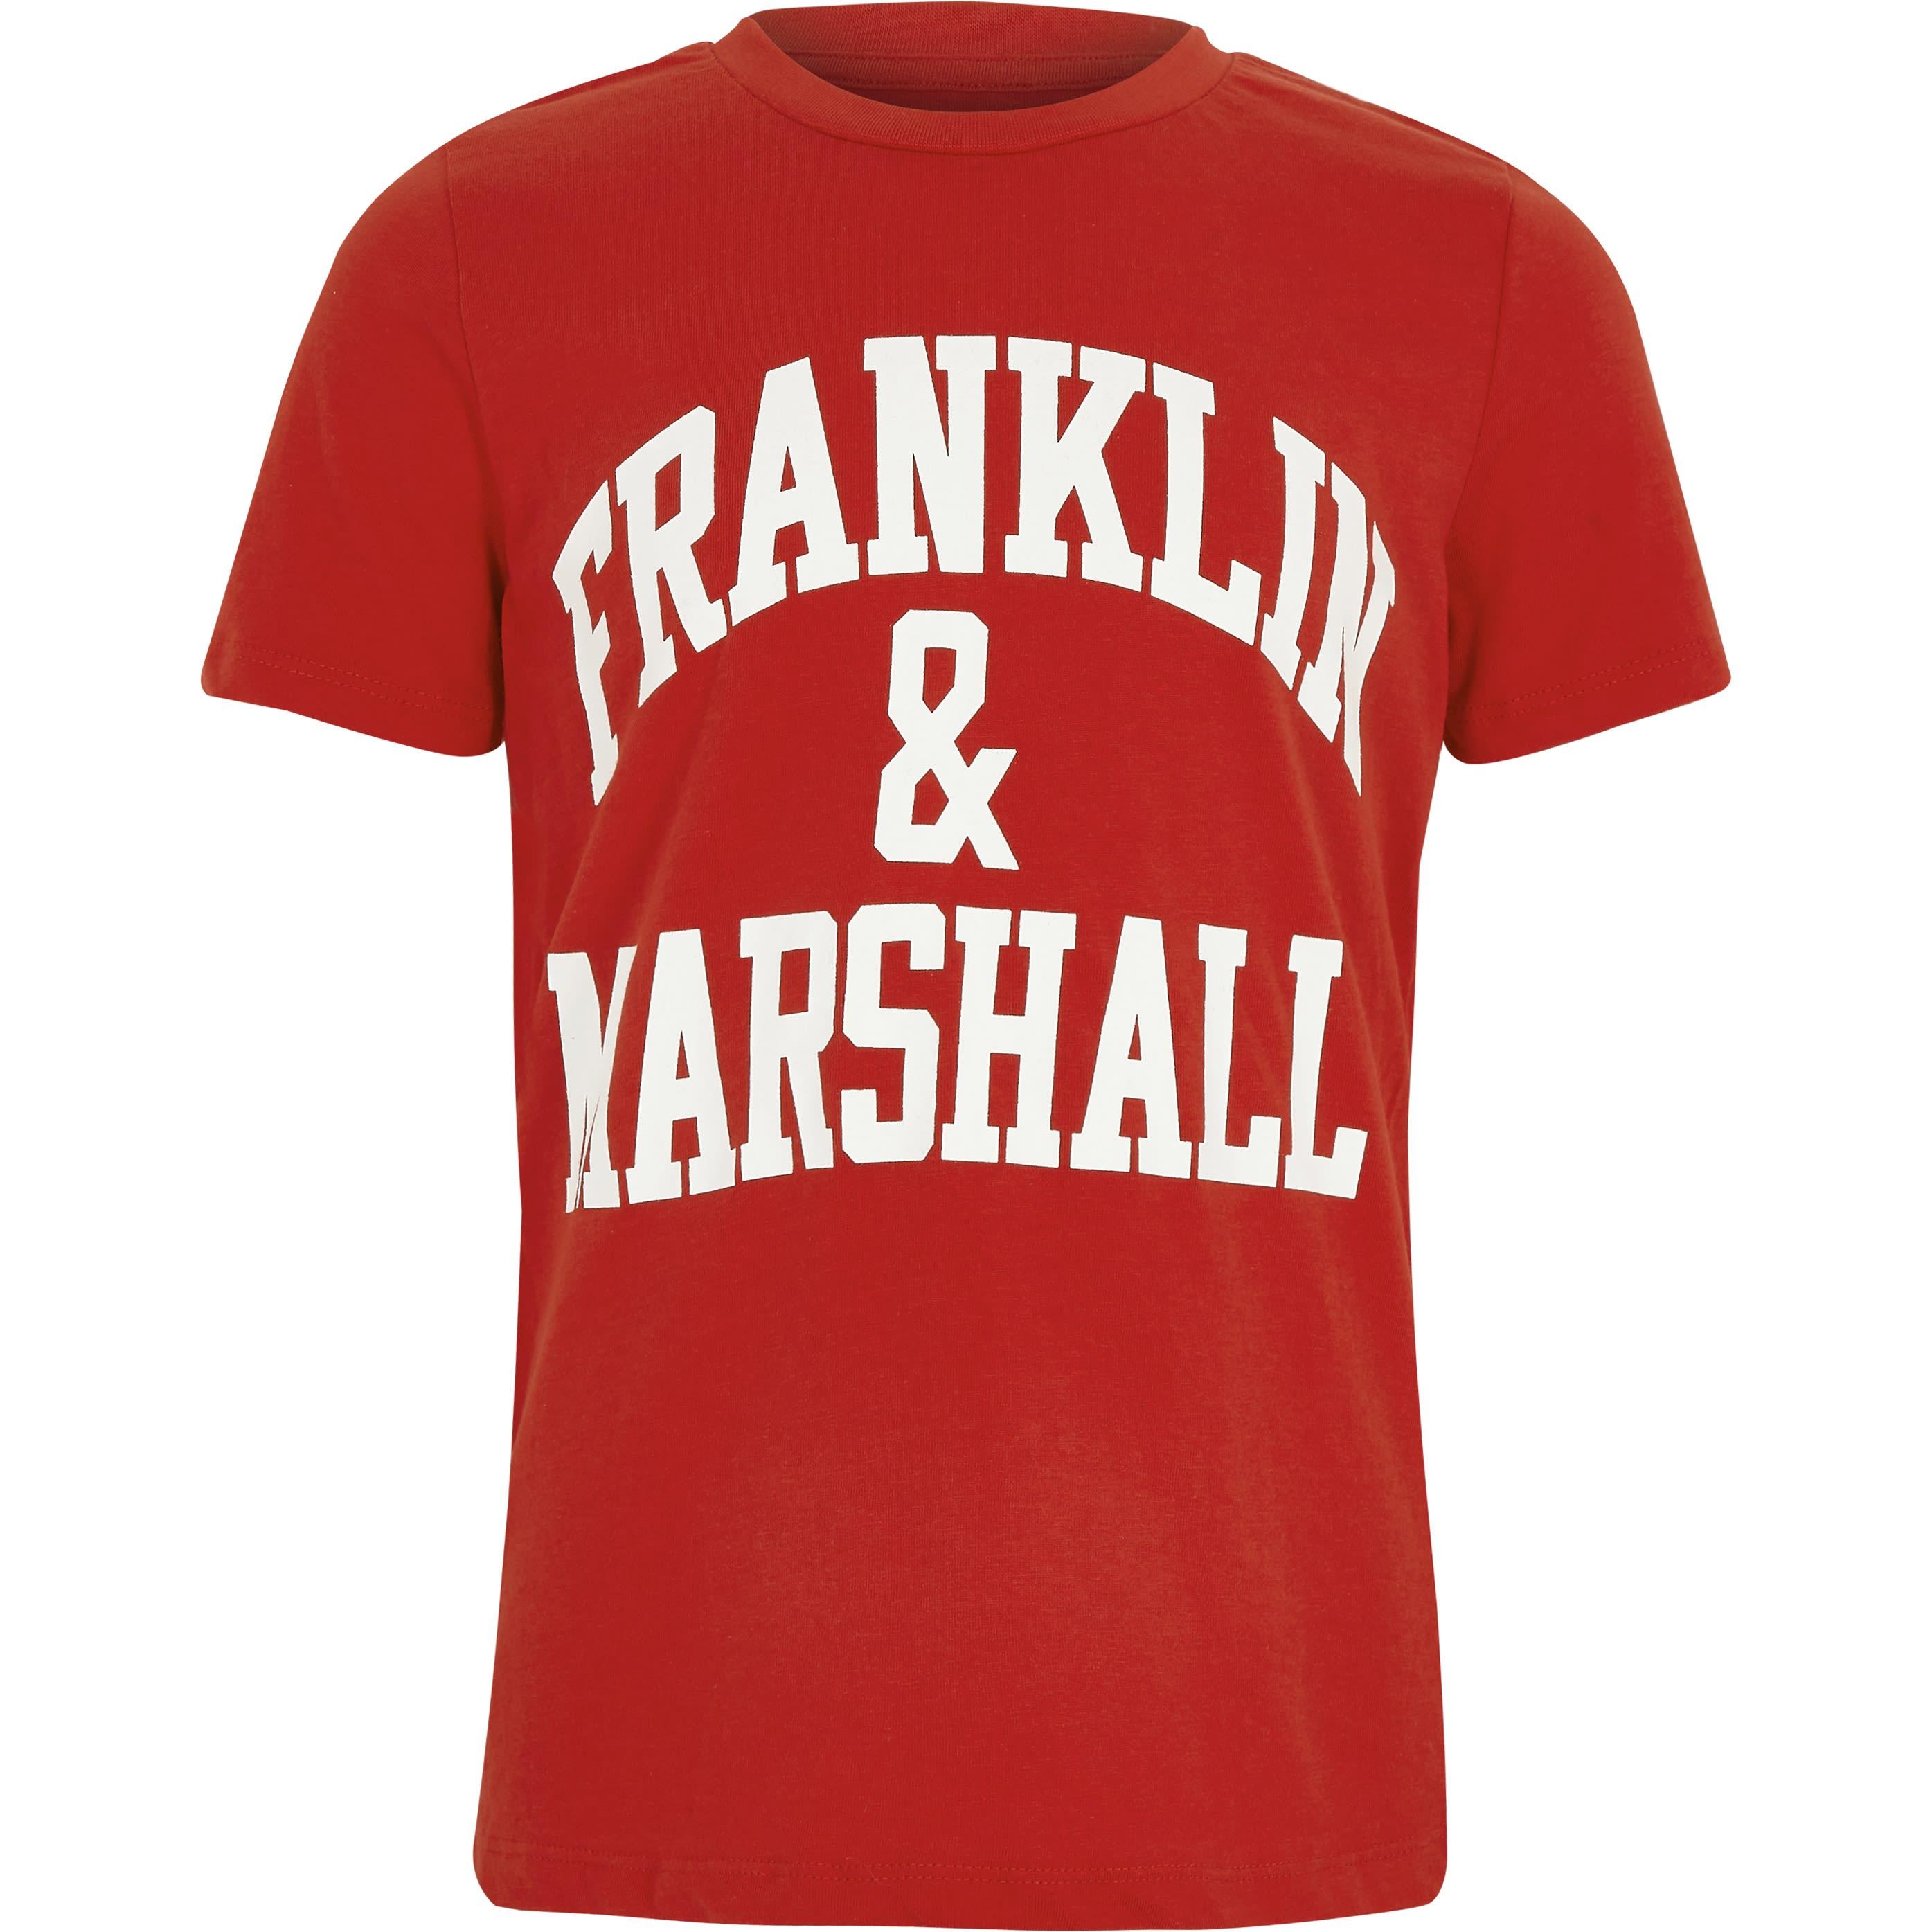 River Island Mens Boys Franklin & Marshall Red print T-shirt (5-6 Yrs)